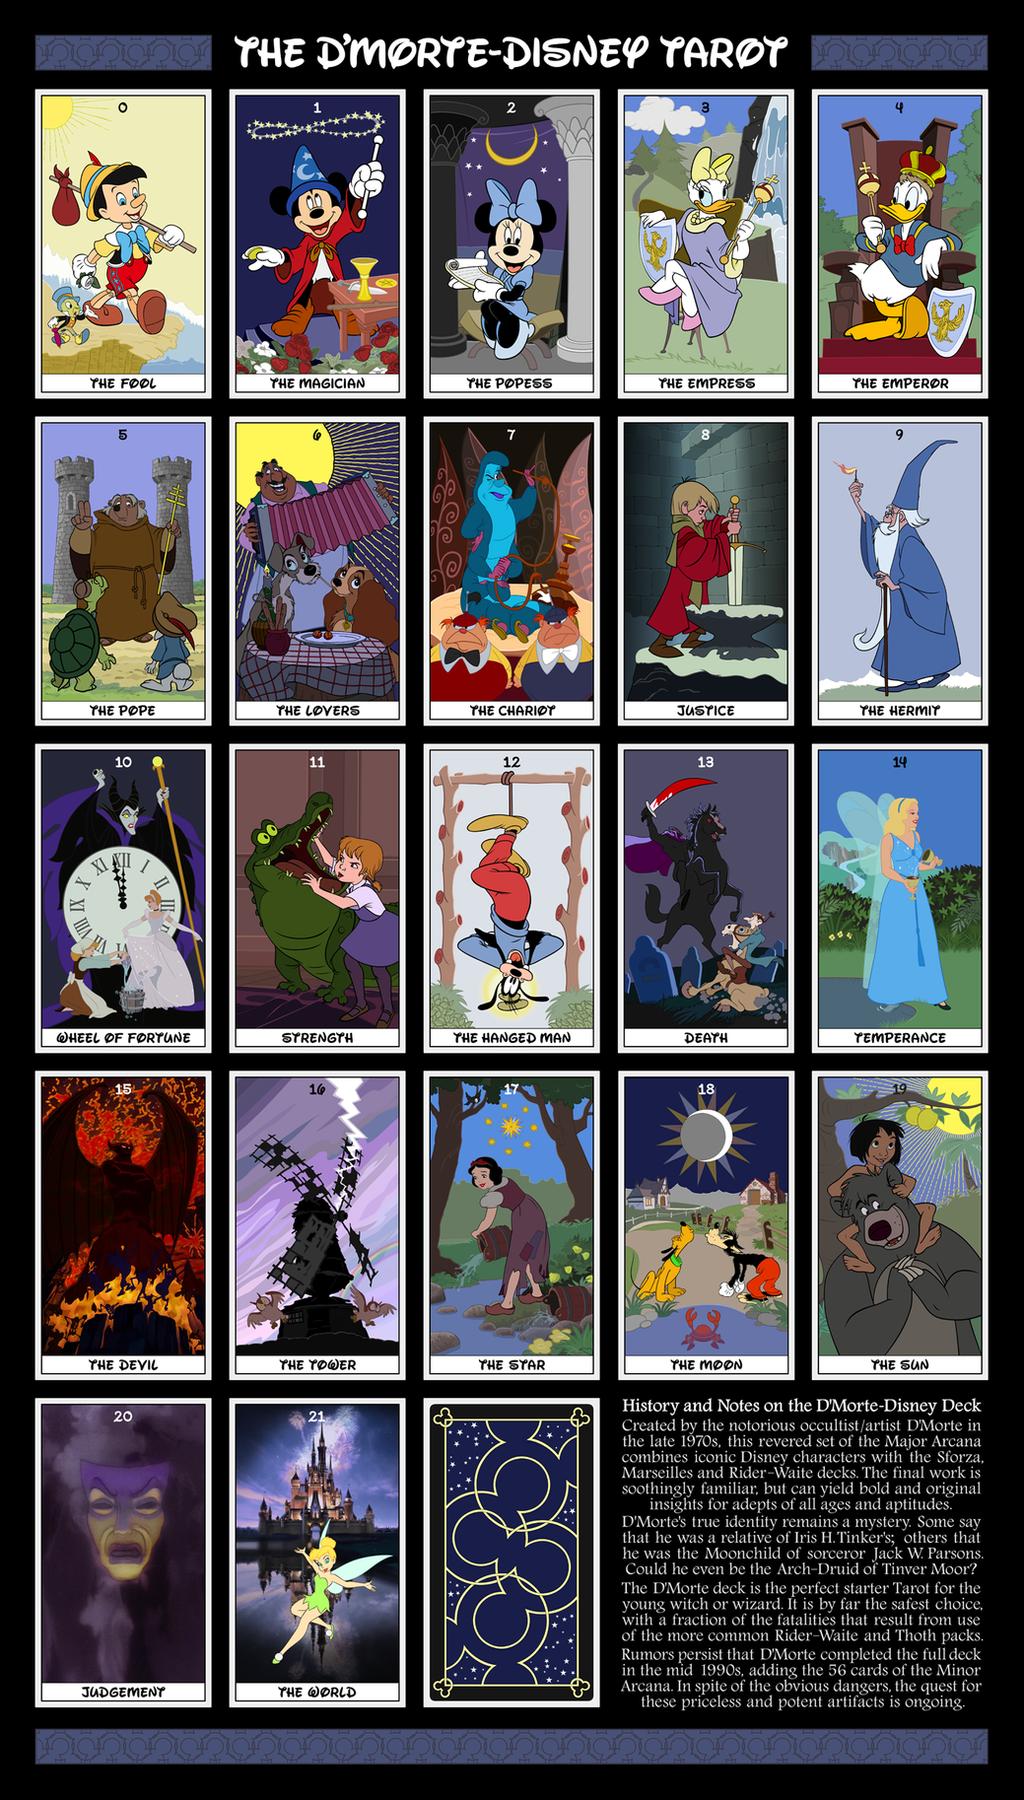 Dmorte-Disney Tarot by dmorte